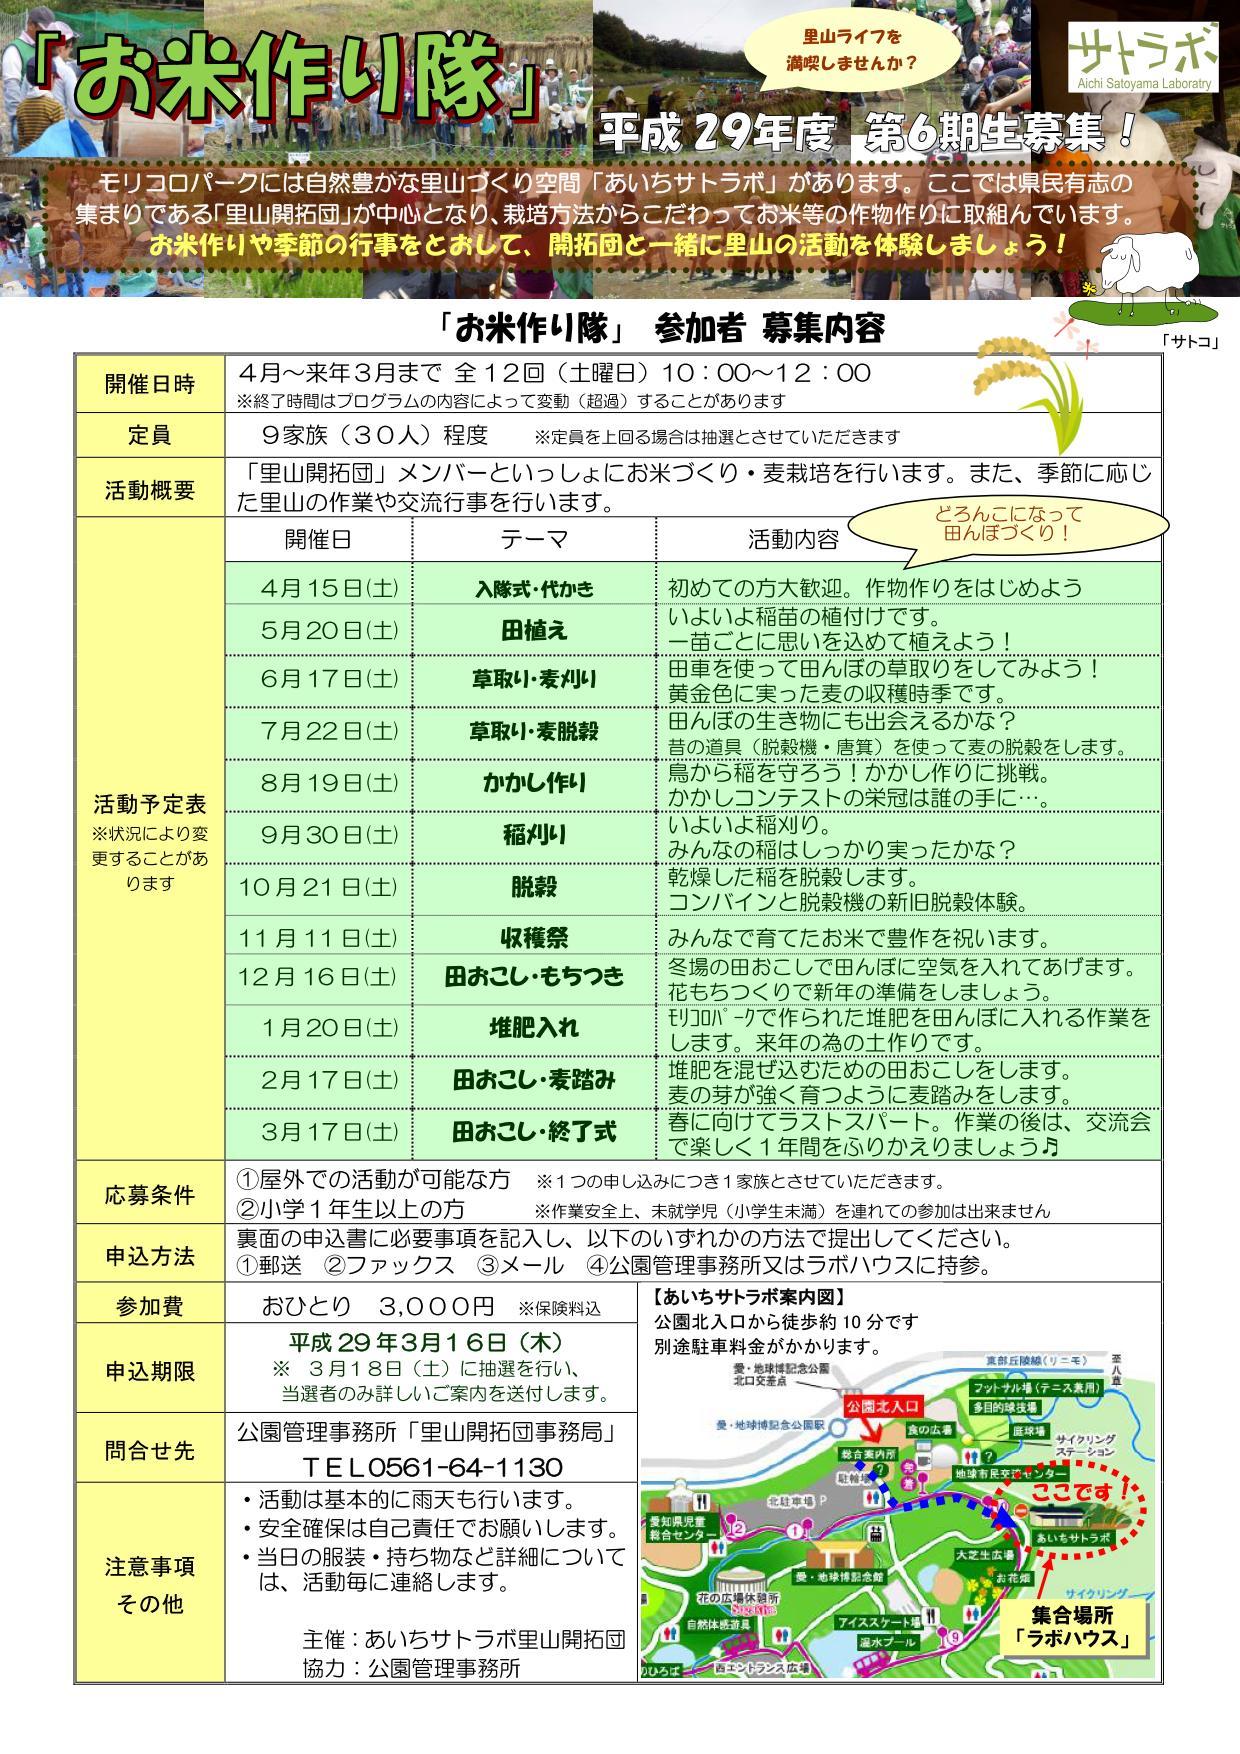 【募-1】H29 お米作り隊会員募集_案_20170103版_02